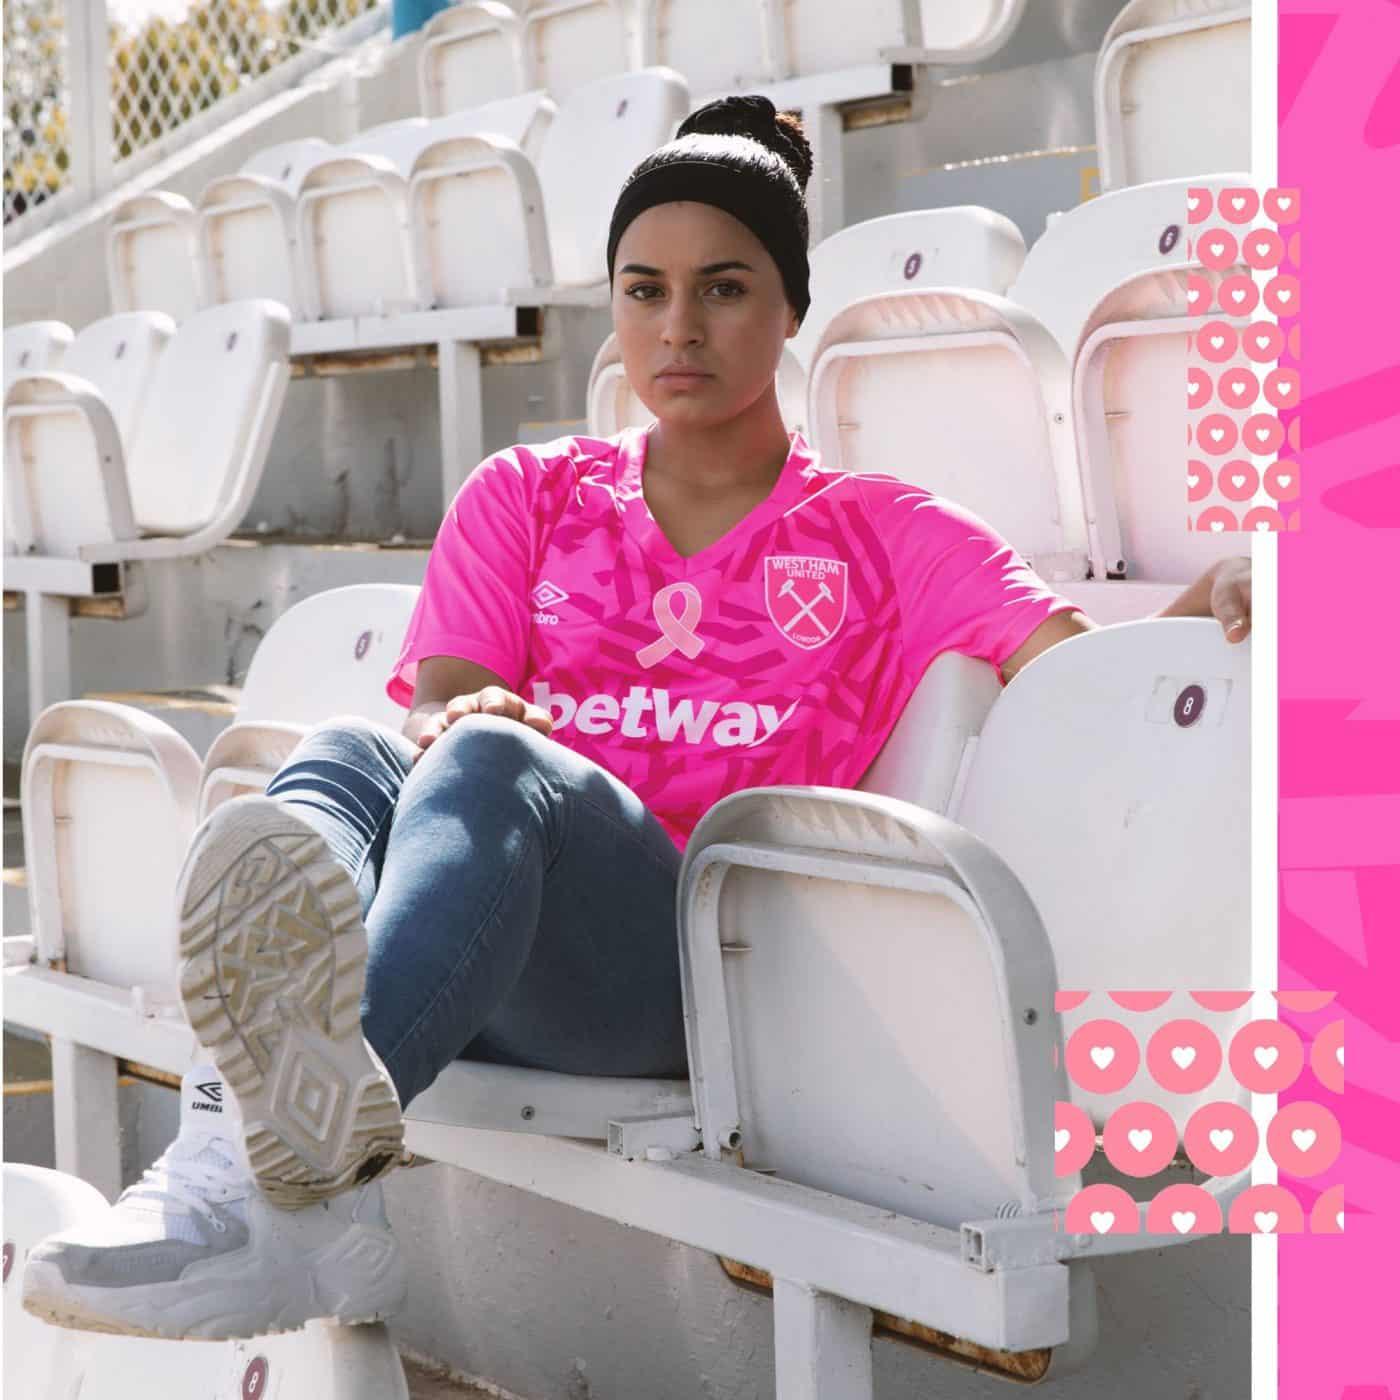 maillot-rose-swet-ham-united-cancer-du-sein-octobre-rose-3